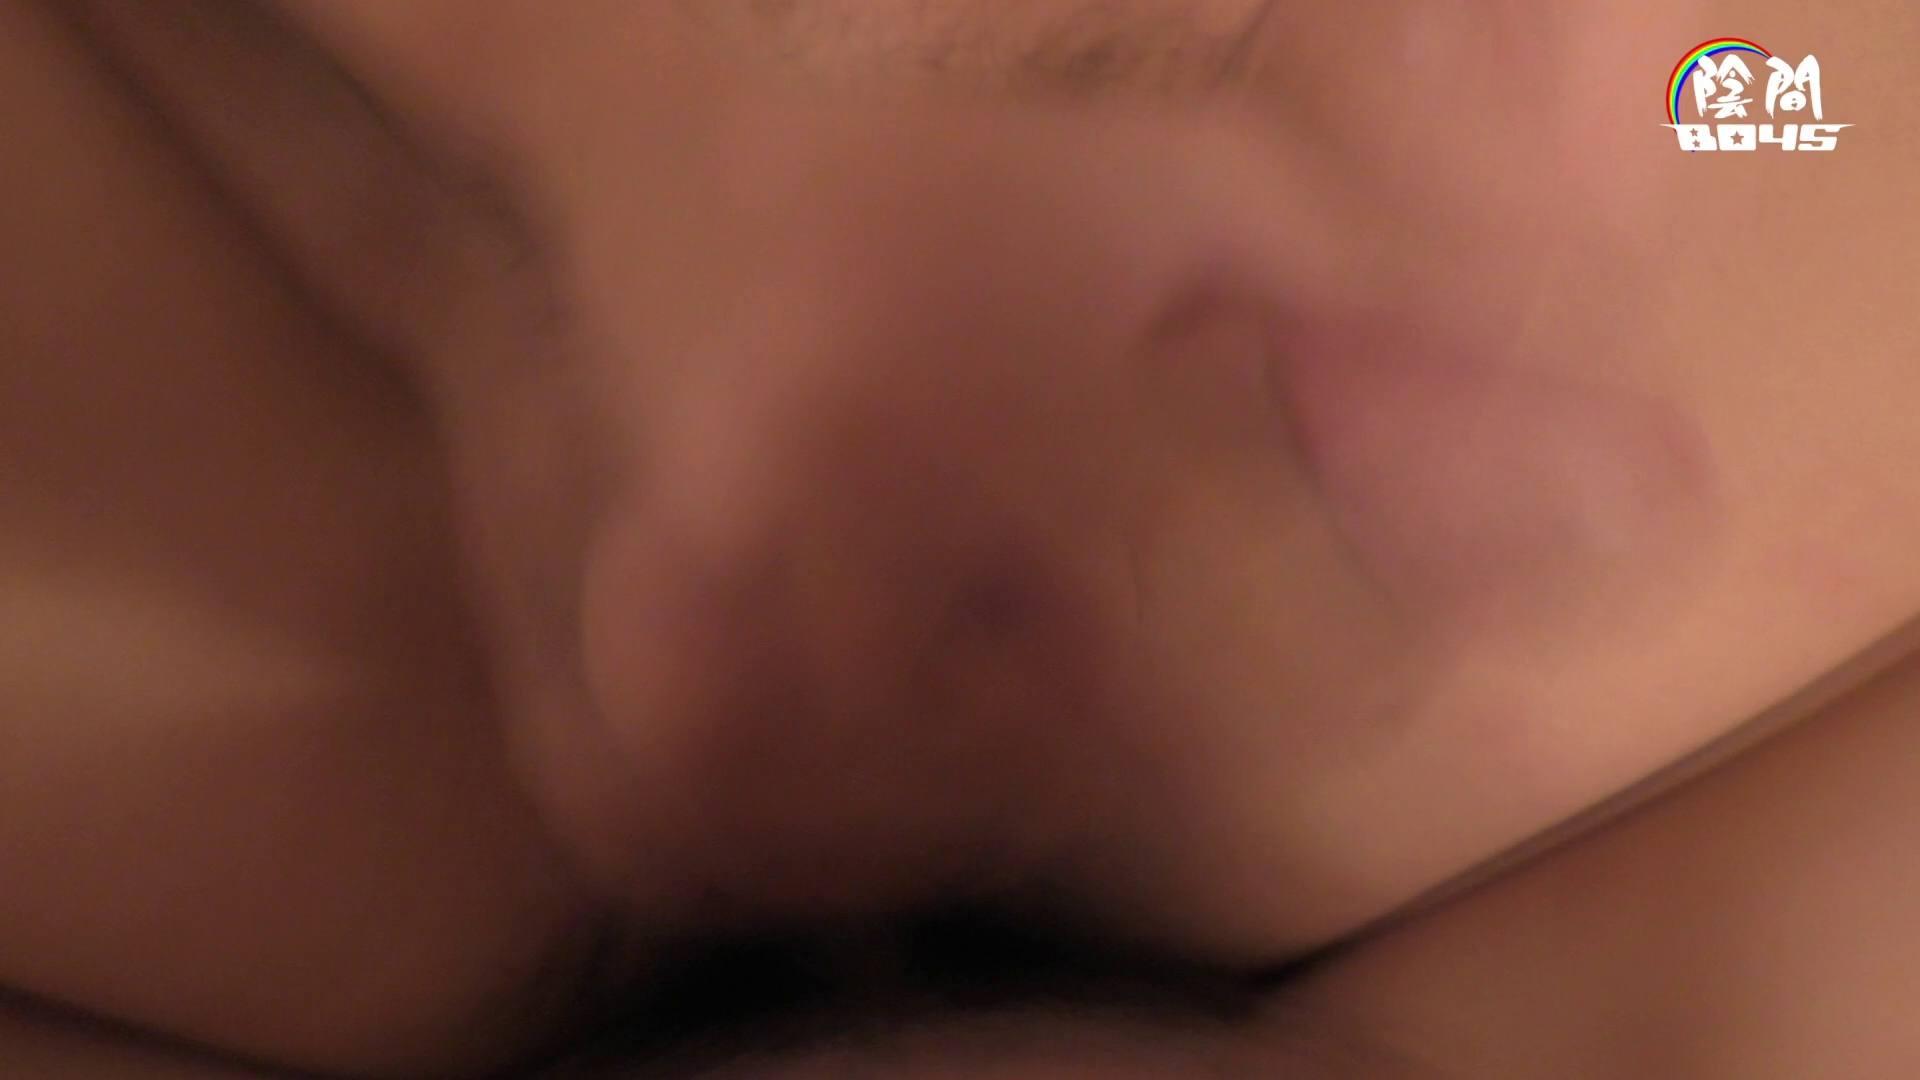 「君のアナルは」part2 ~ノンケの素顔~ Vol.08 アナル特集 男同士画像 106枚 105